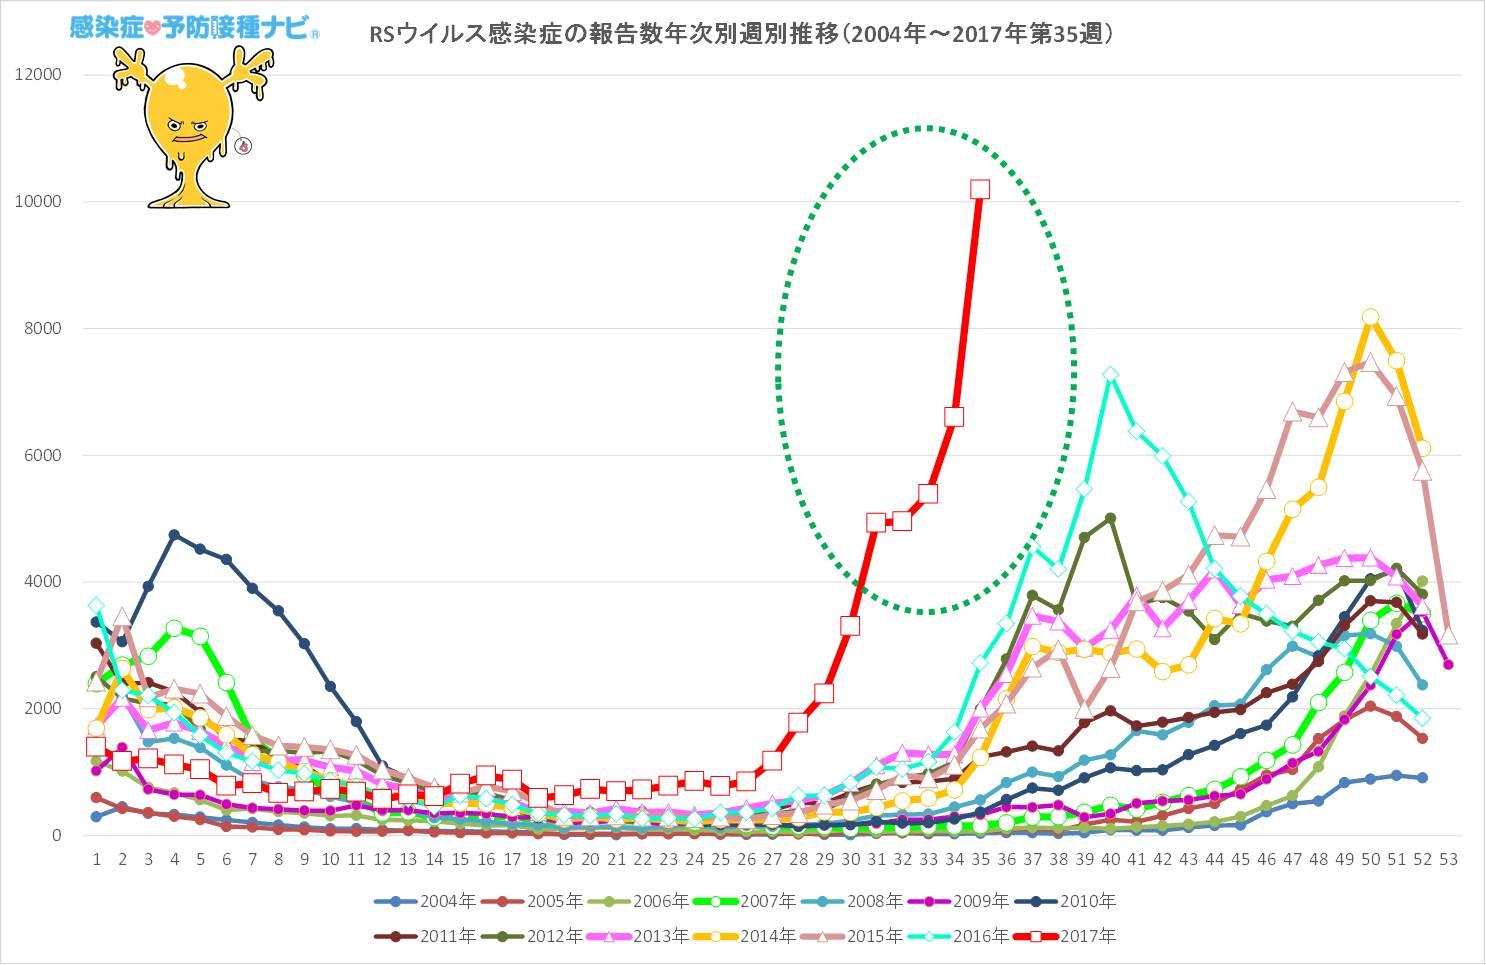 図.RSウイルス感染症 流行の様子<br />情報元:IDWR2017年第35週(2017年8月28日〜2017年9月3日)